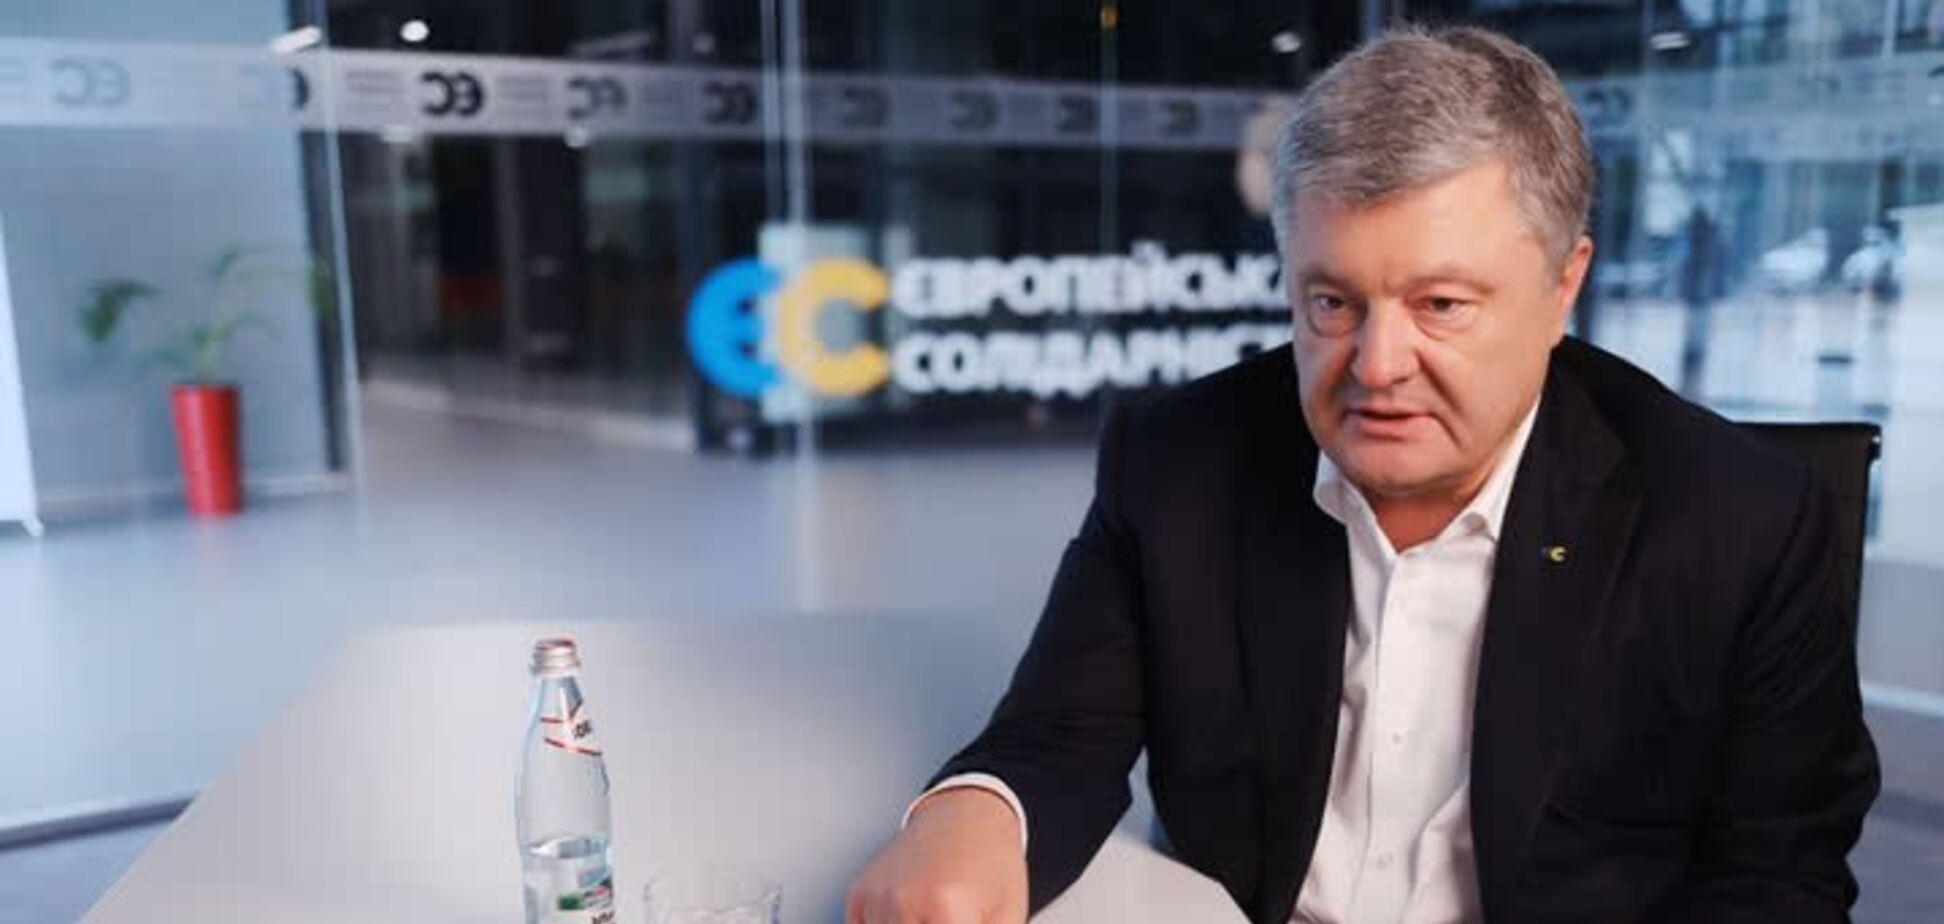 Против Порошенко не открывали уголовных дел: адвокат обнародовал разоблачение